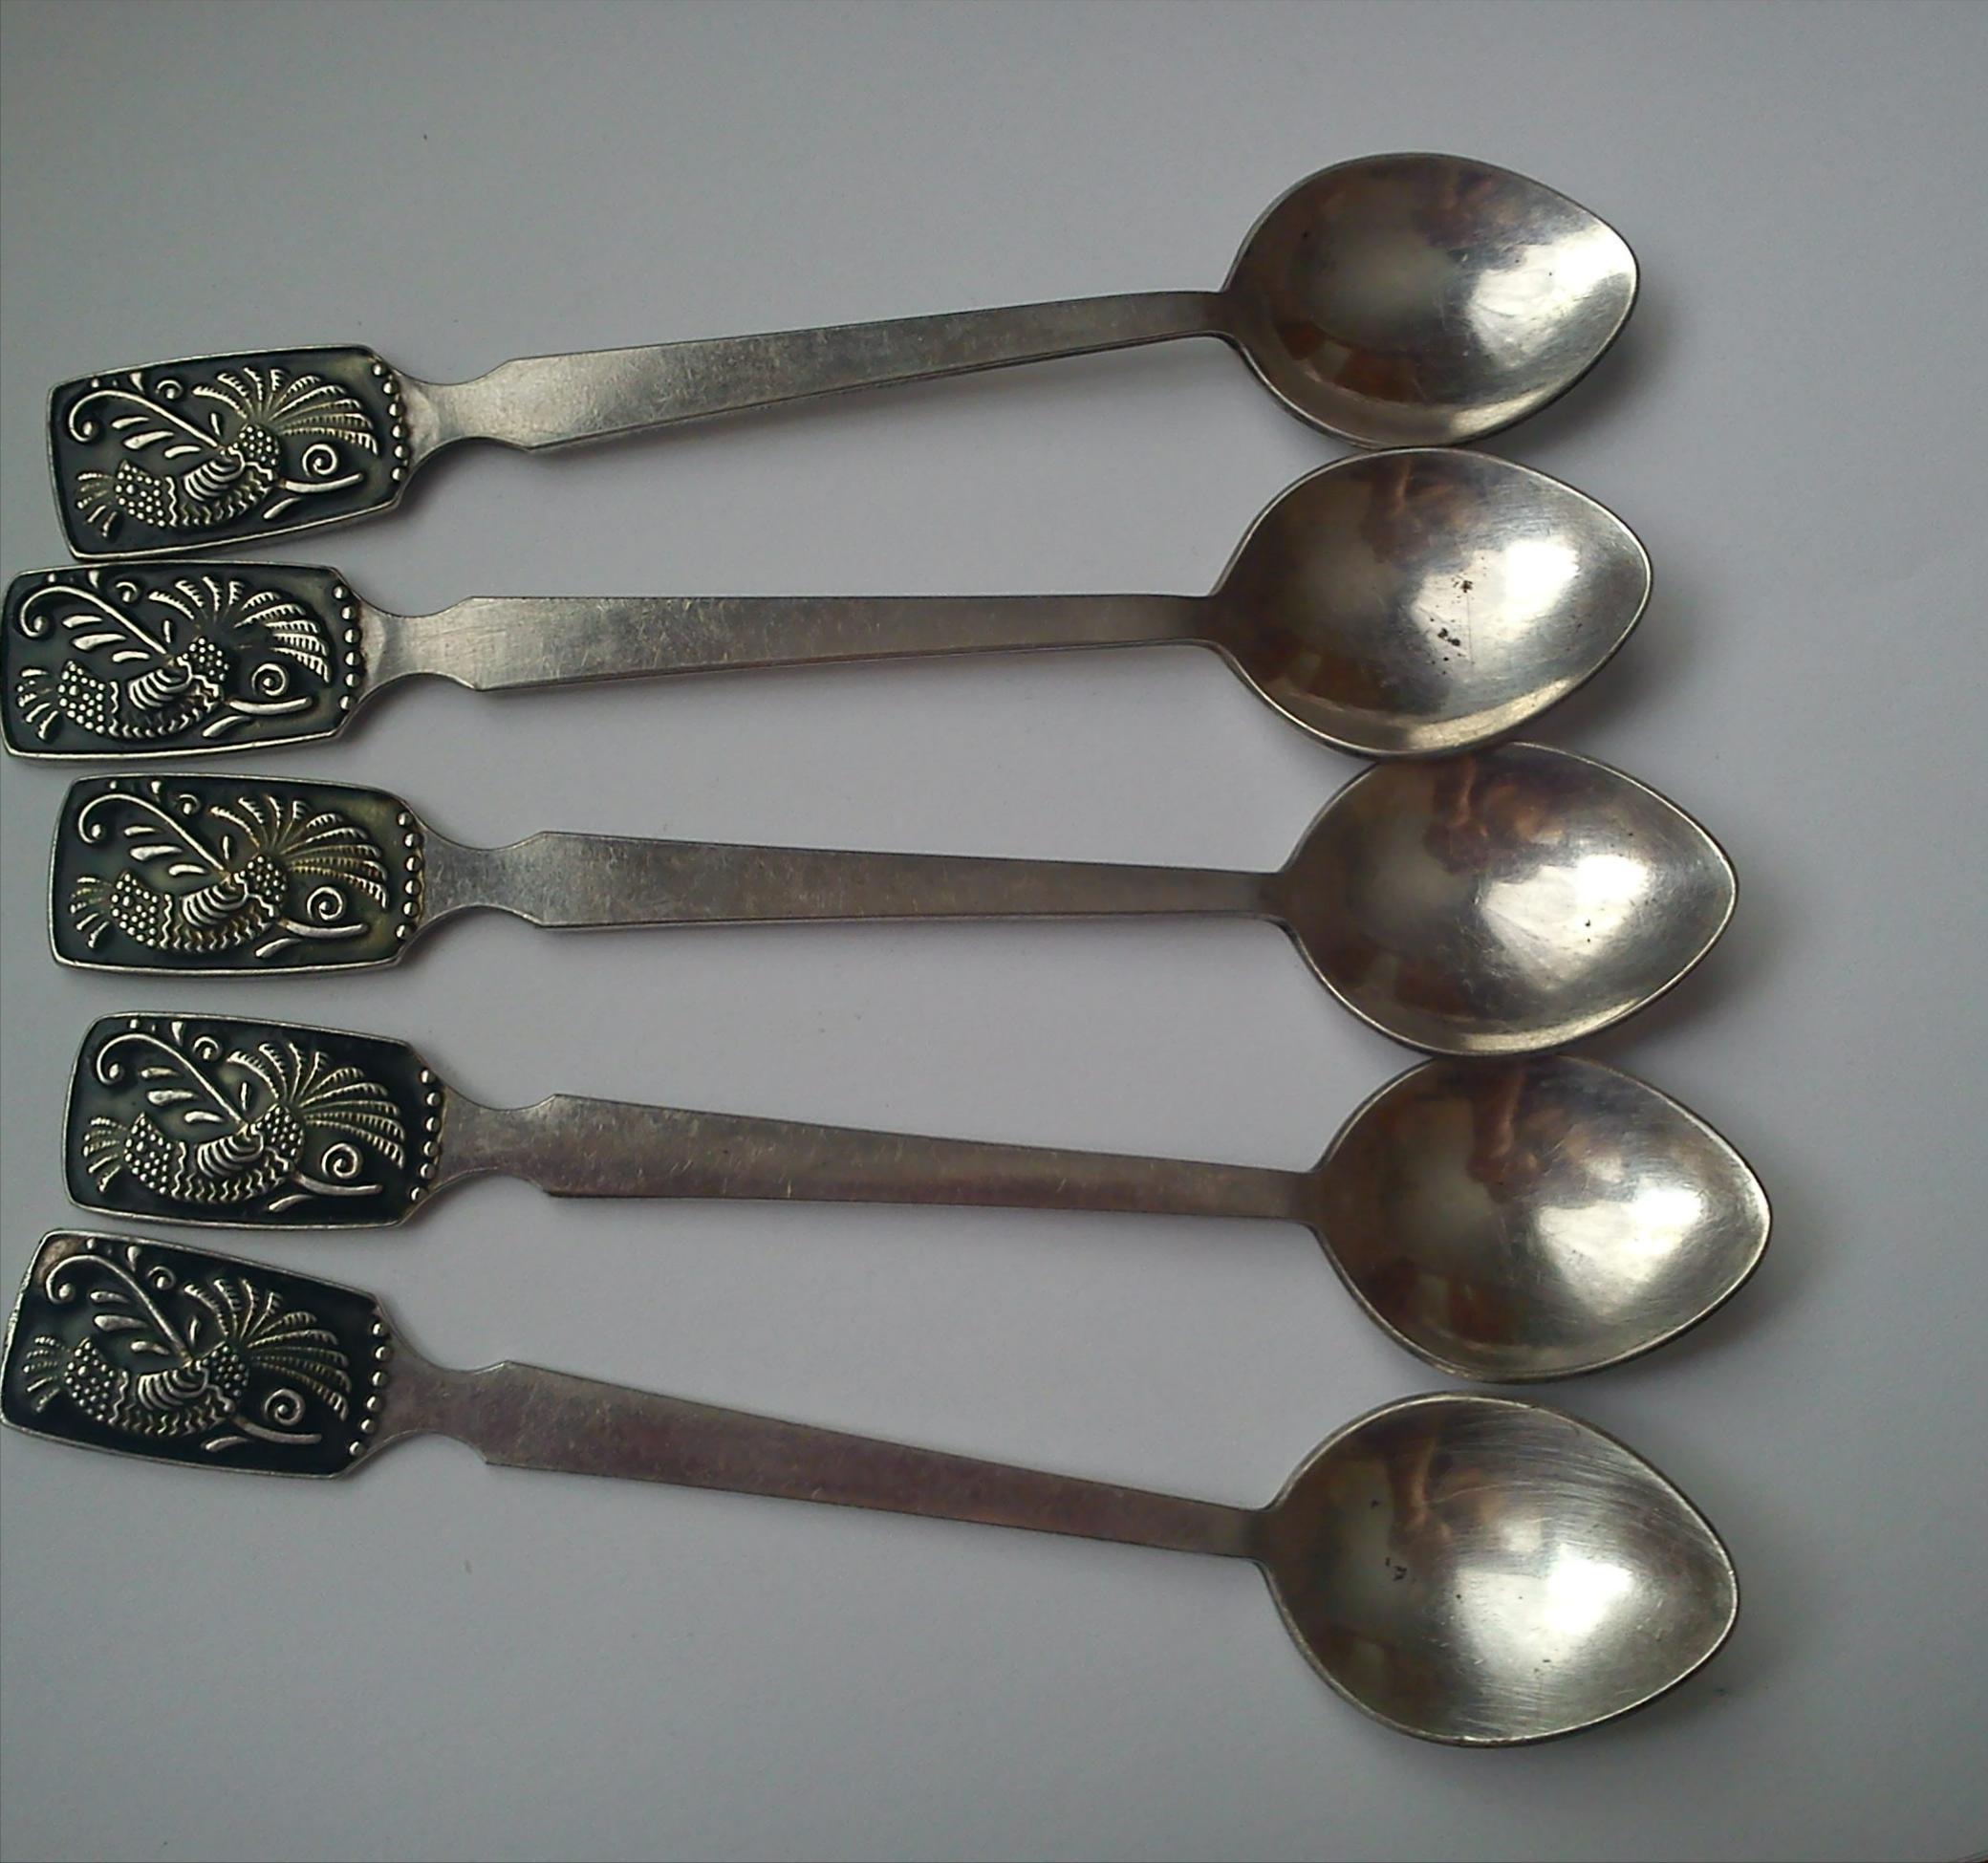 Фото - Продам серебрянные ложки.